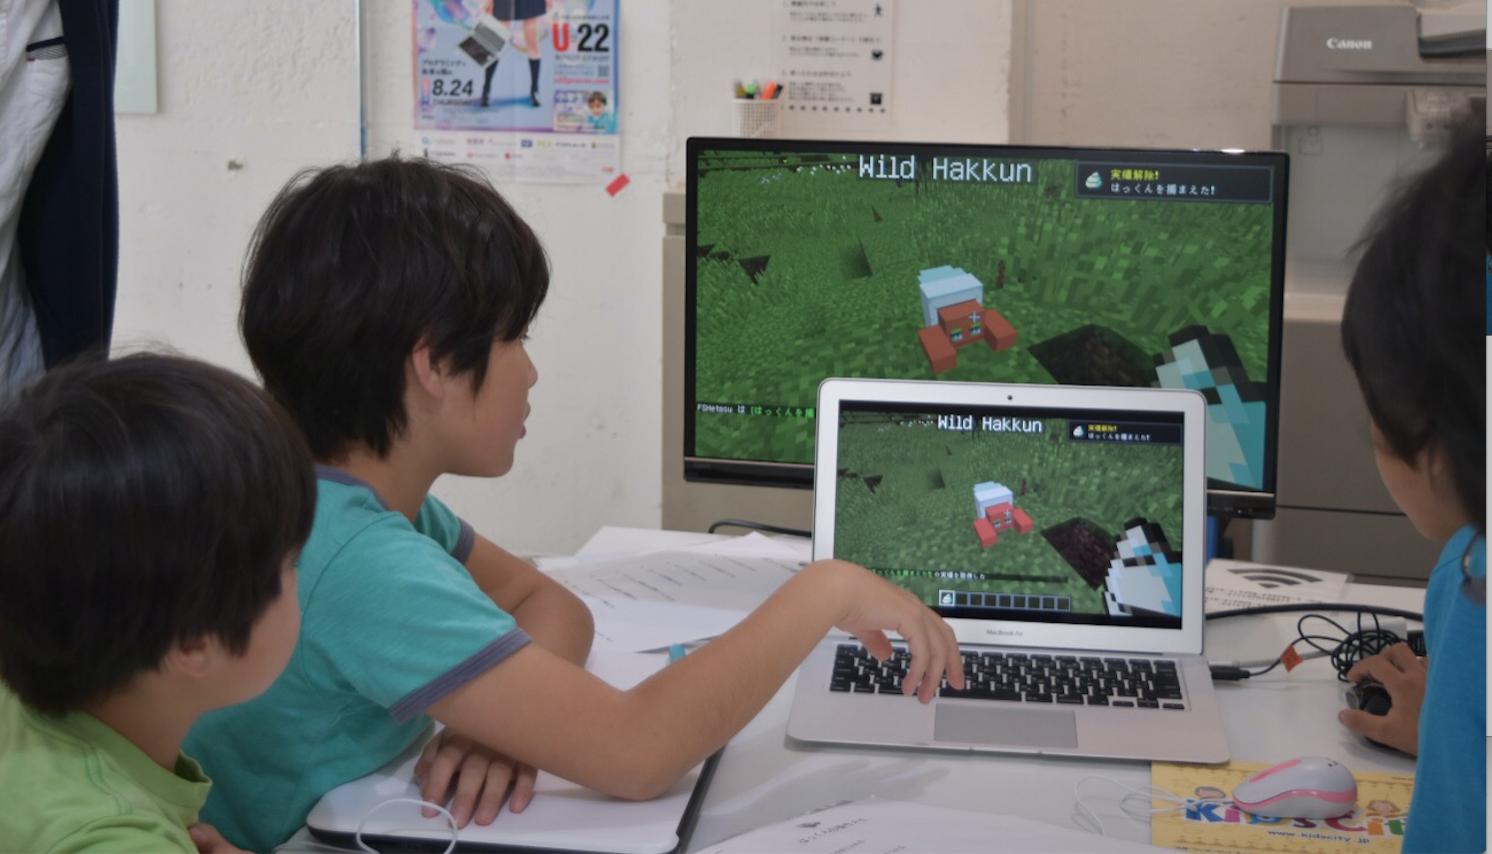 8x9クラフトで遊ぶ子どもたちの写真